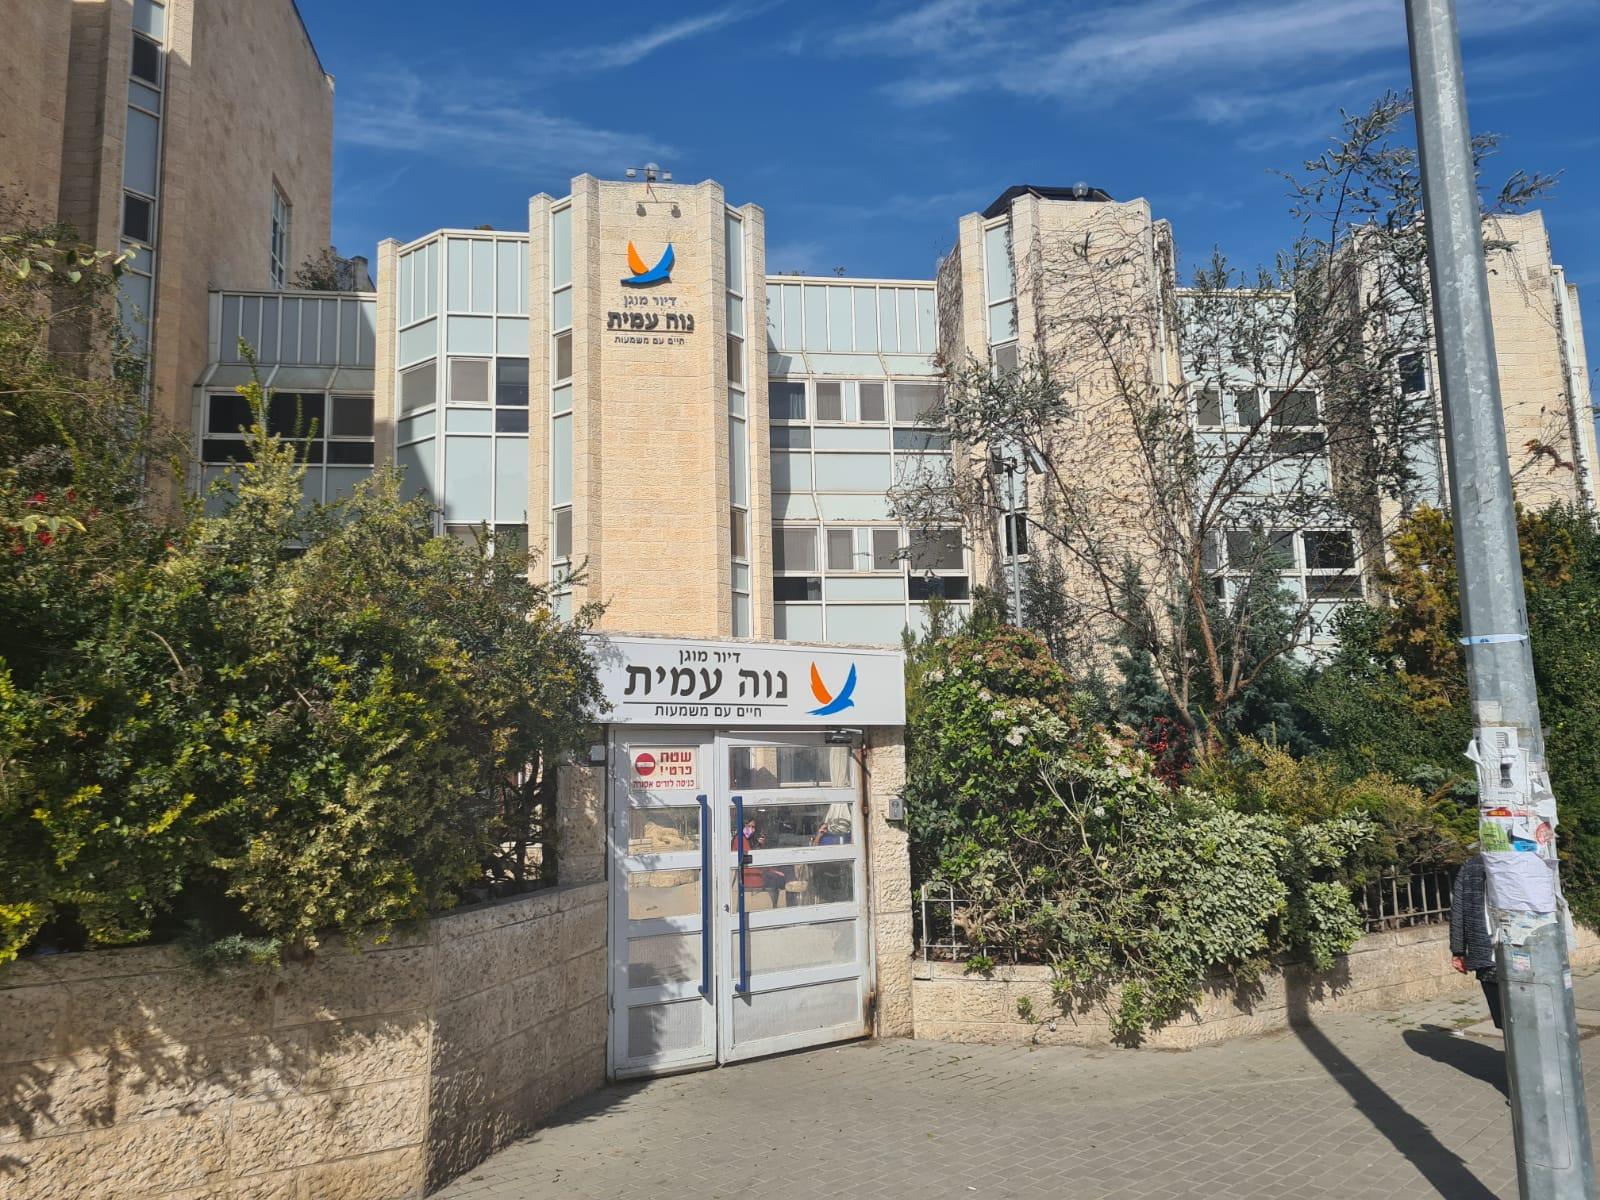 דיור מוגן באזור ירושלים - נוה עמית רמת אשכול ירושלים